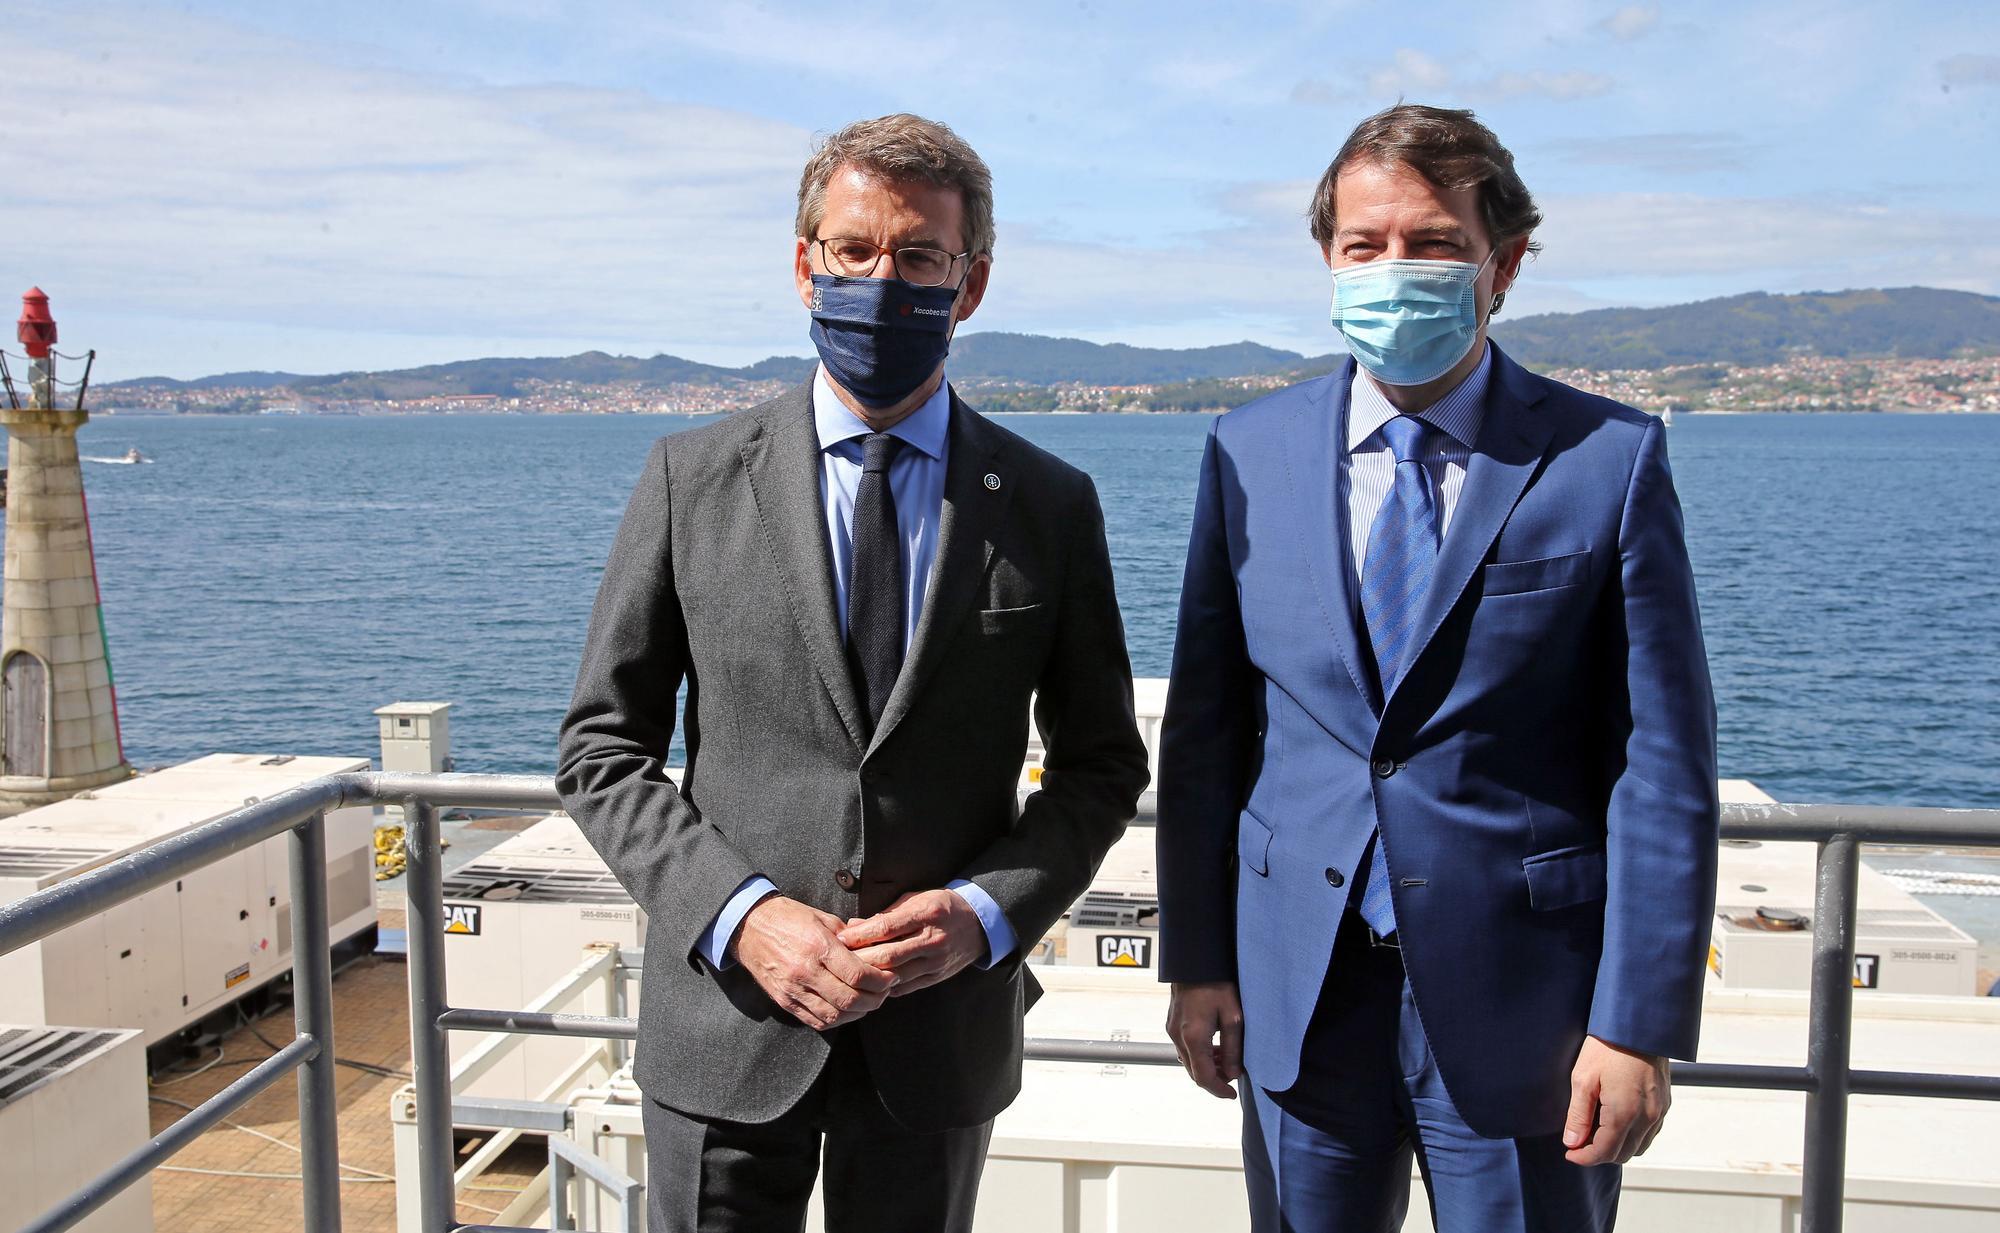 Galicia y Castilla y León unen fuerzas para reclamar protagonismo en inversiones